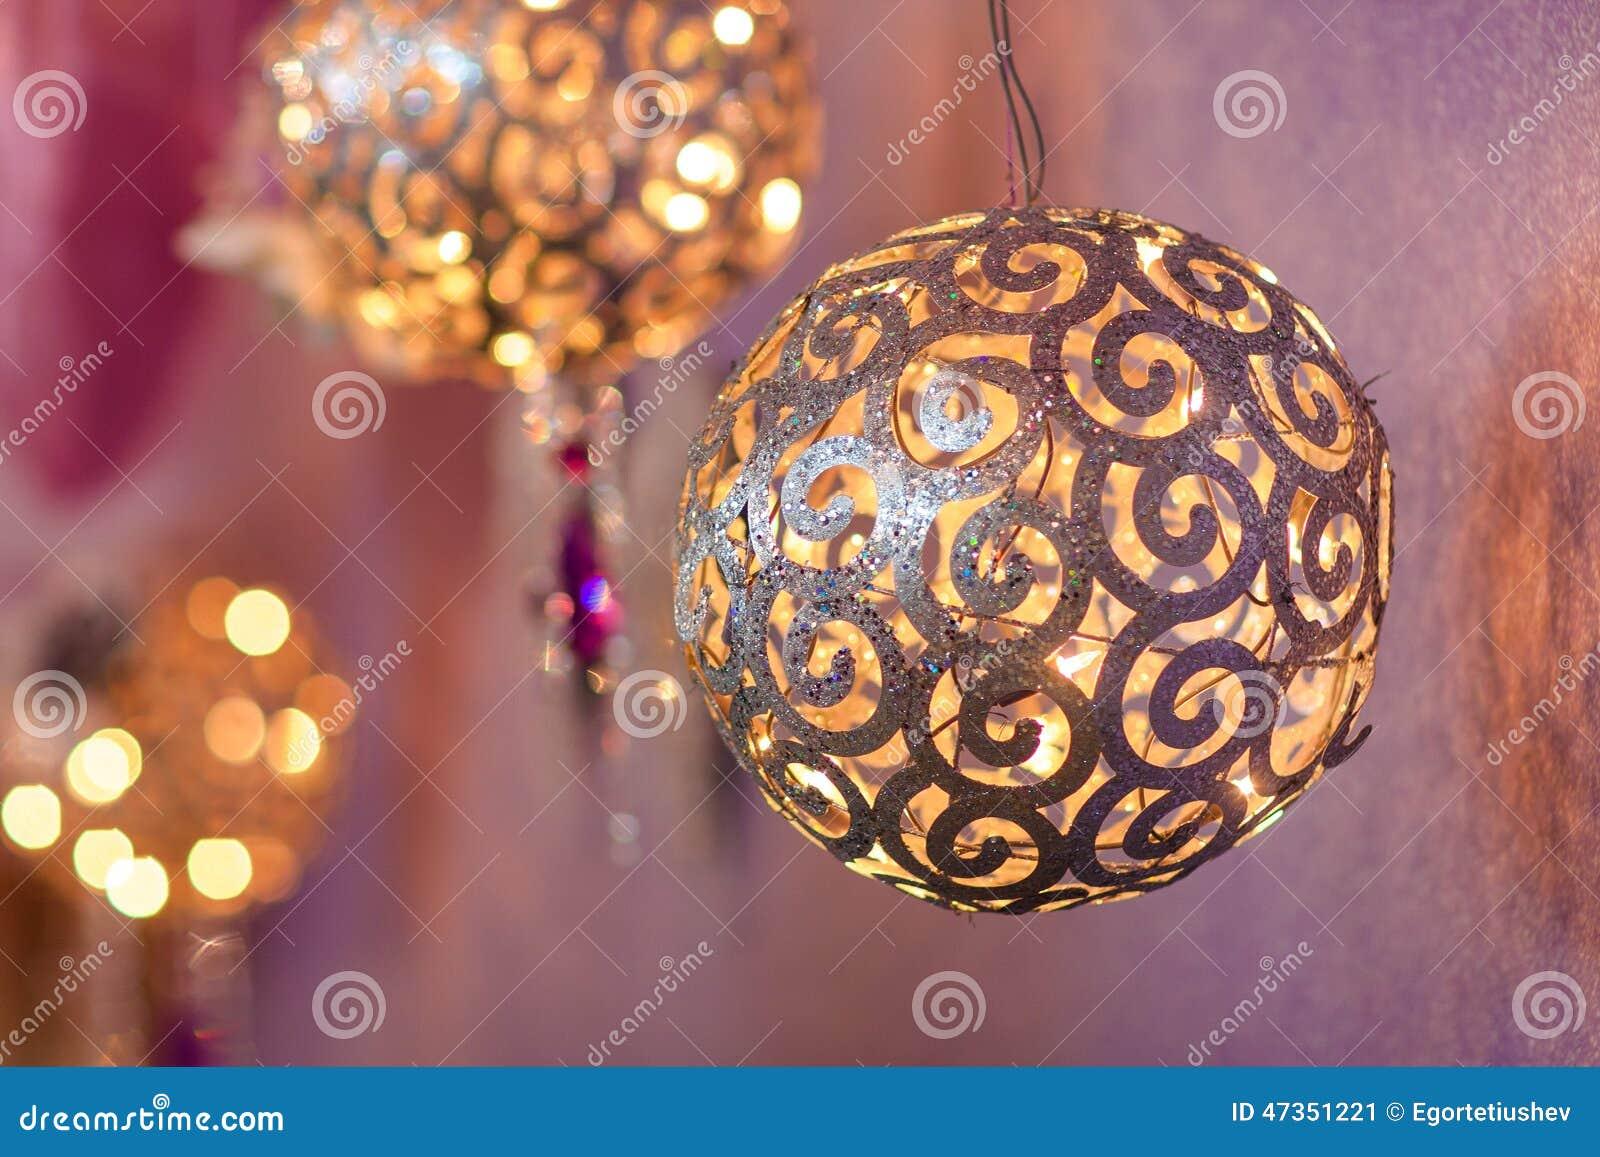 Palle Di Natale Grandi.Decorazione Di Natale Parecchie Grandi Palle Dell Oro